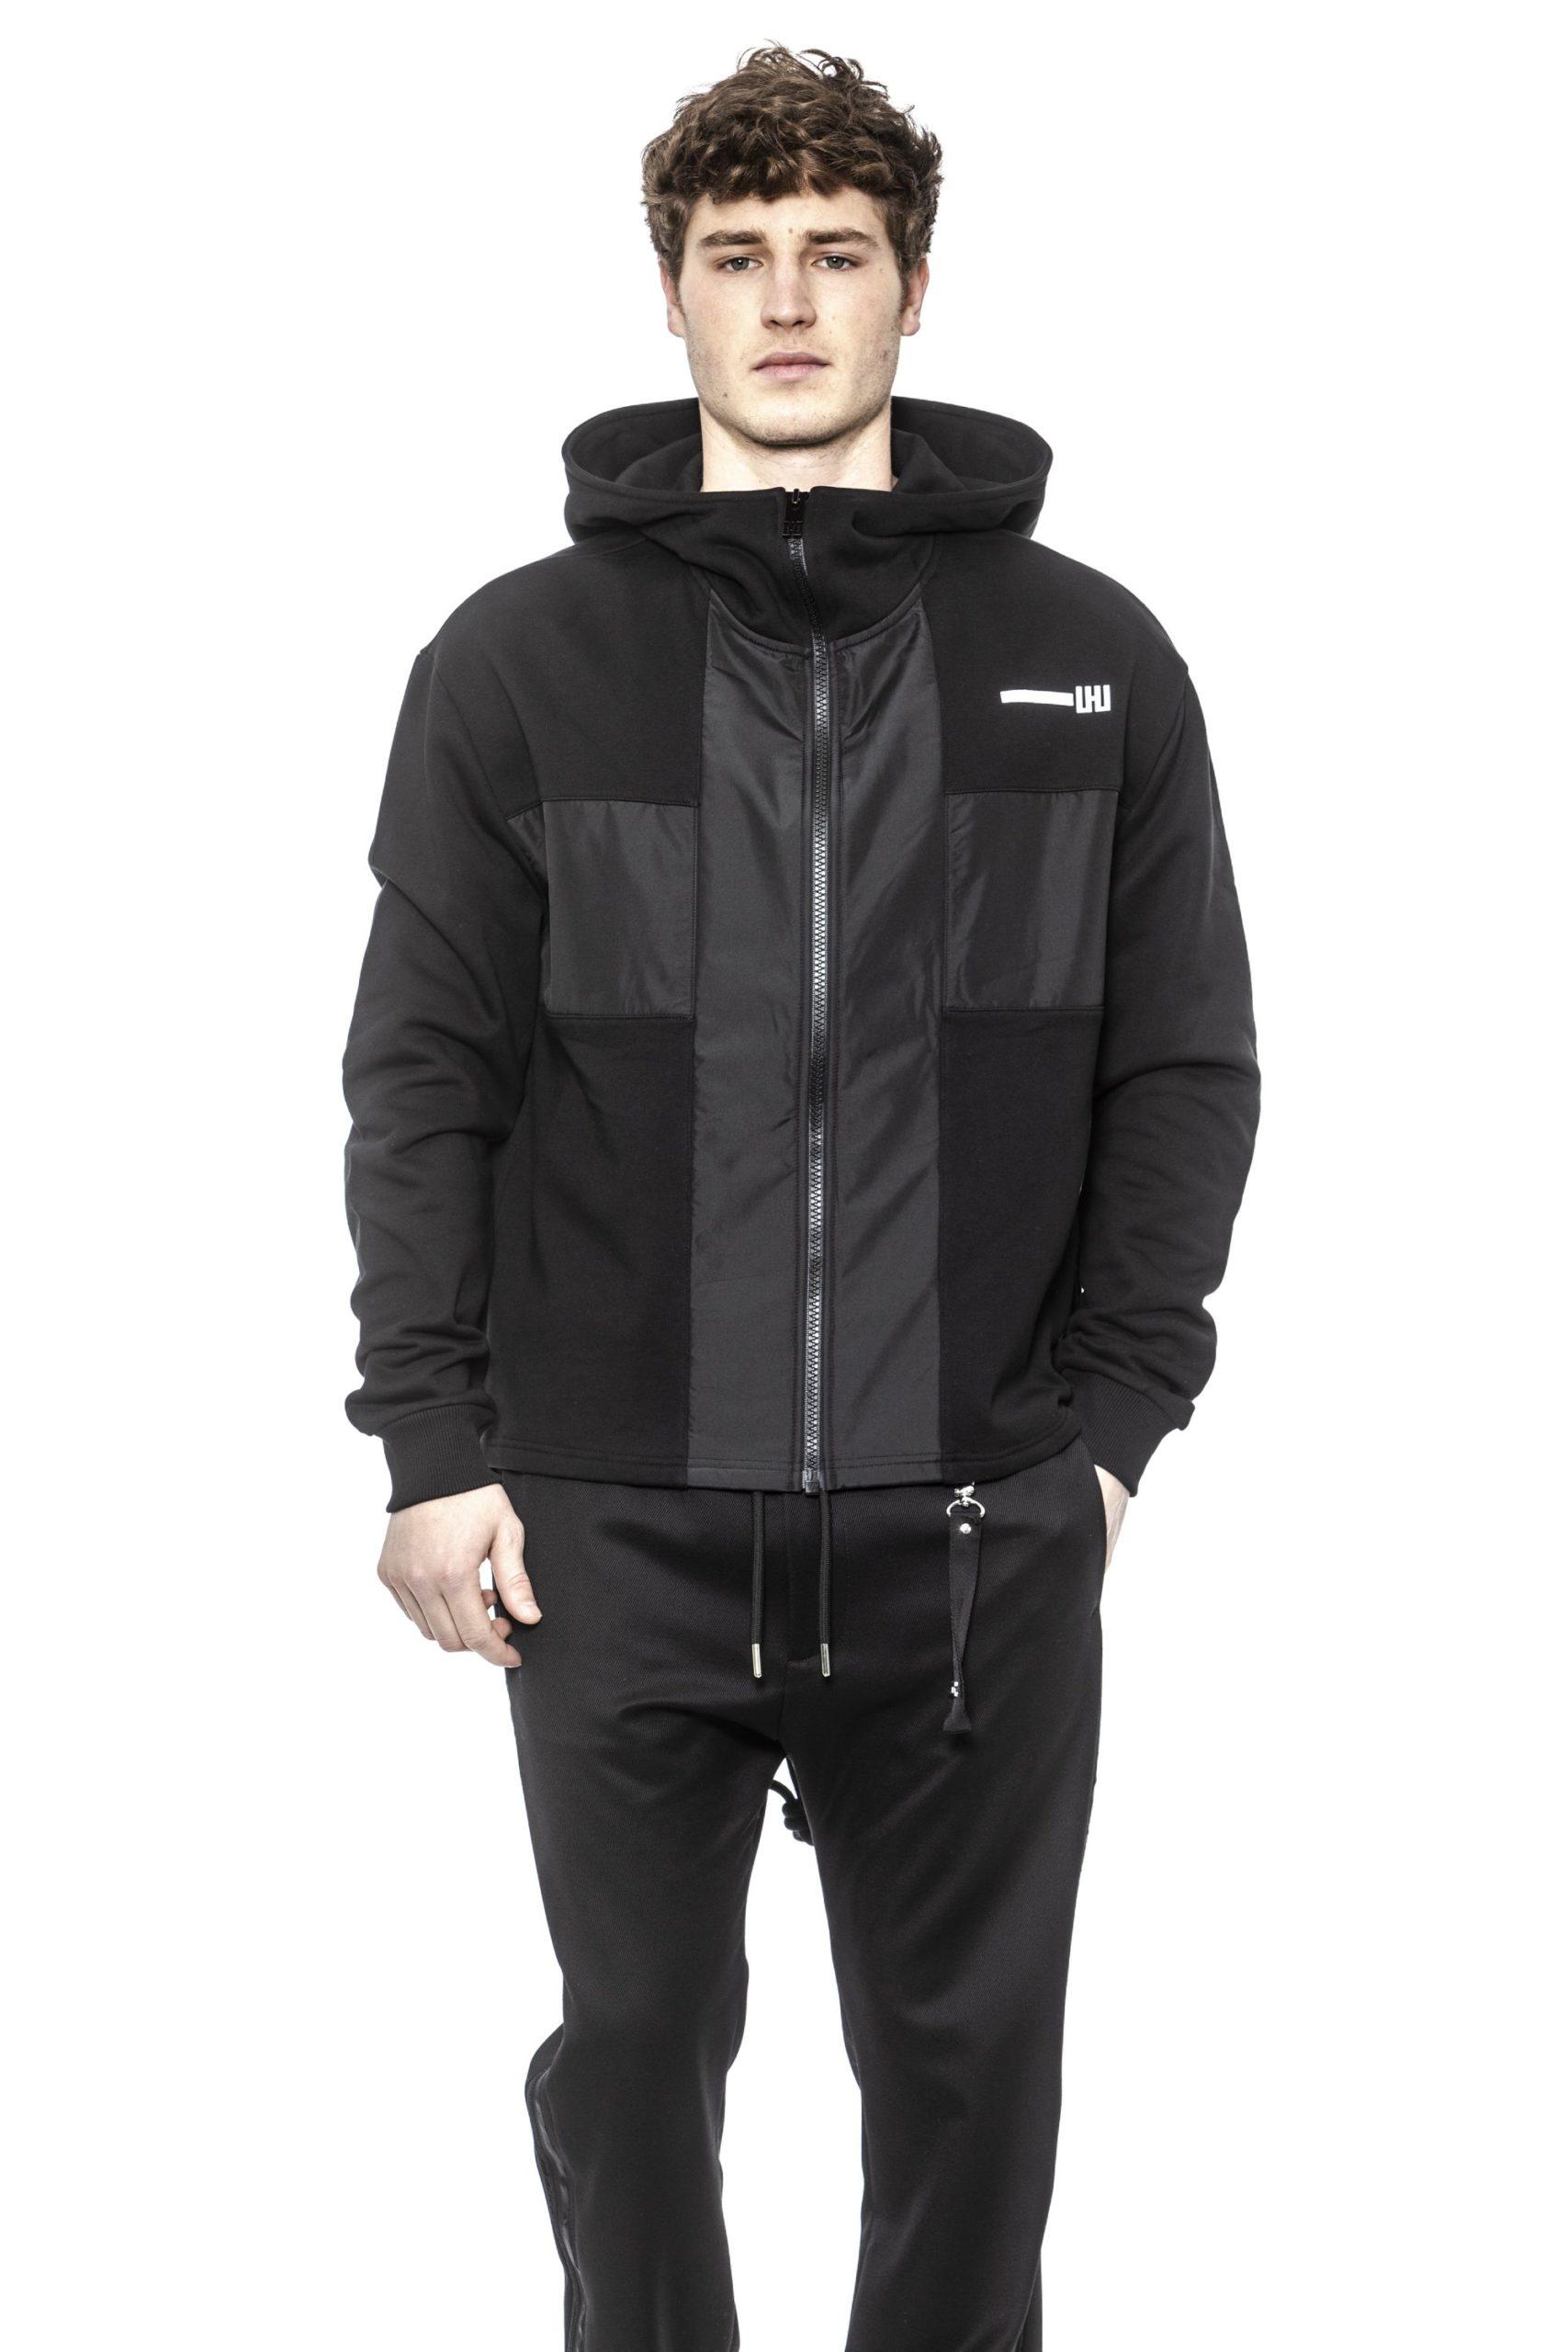 Les Hommes Men's Sweater Black LE1393228 - S